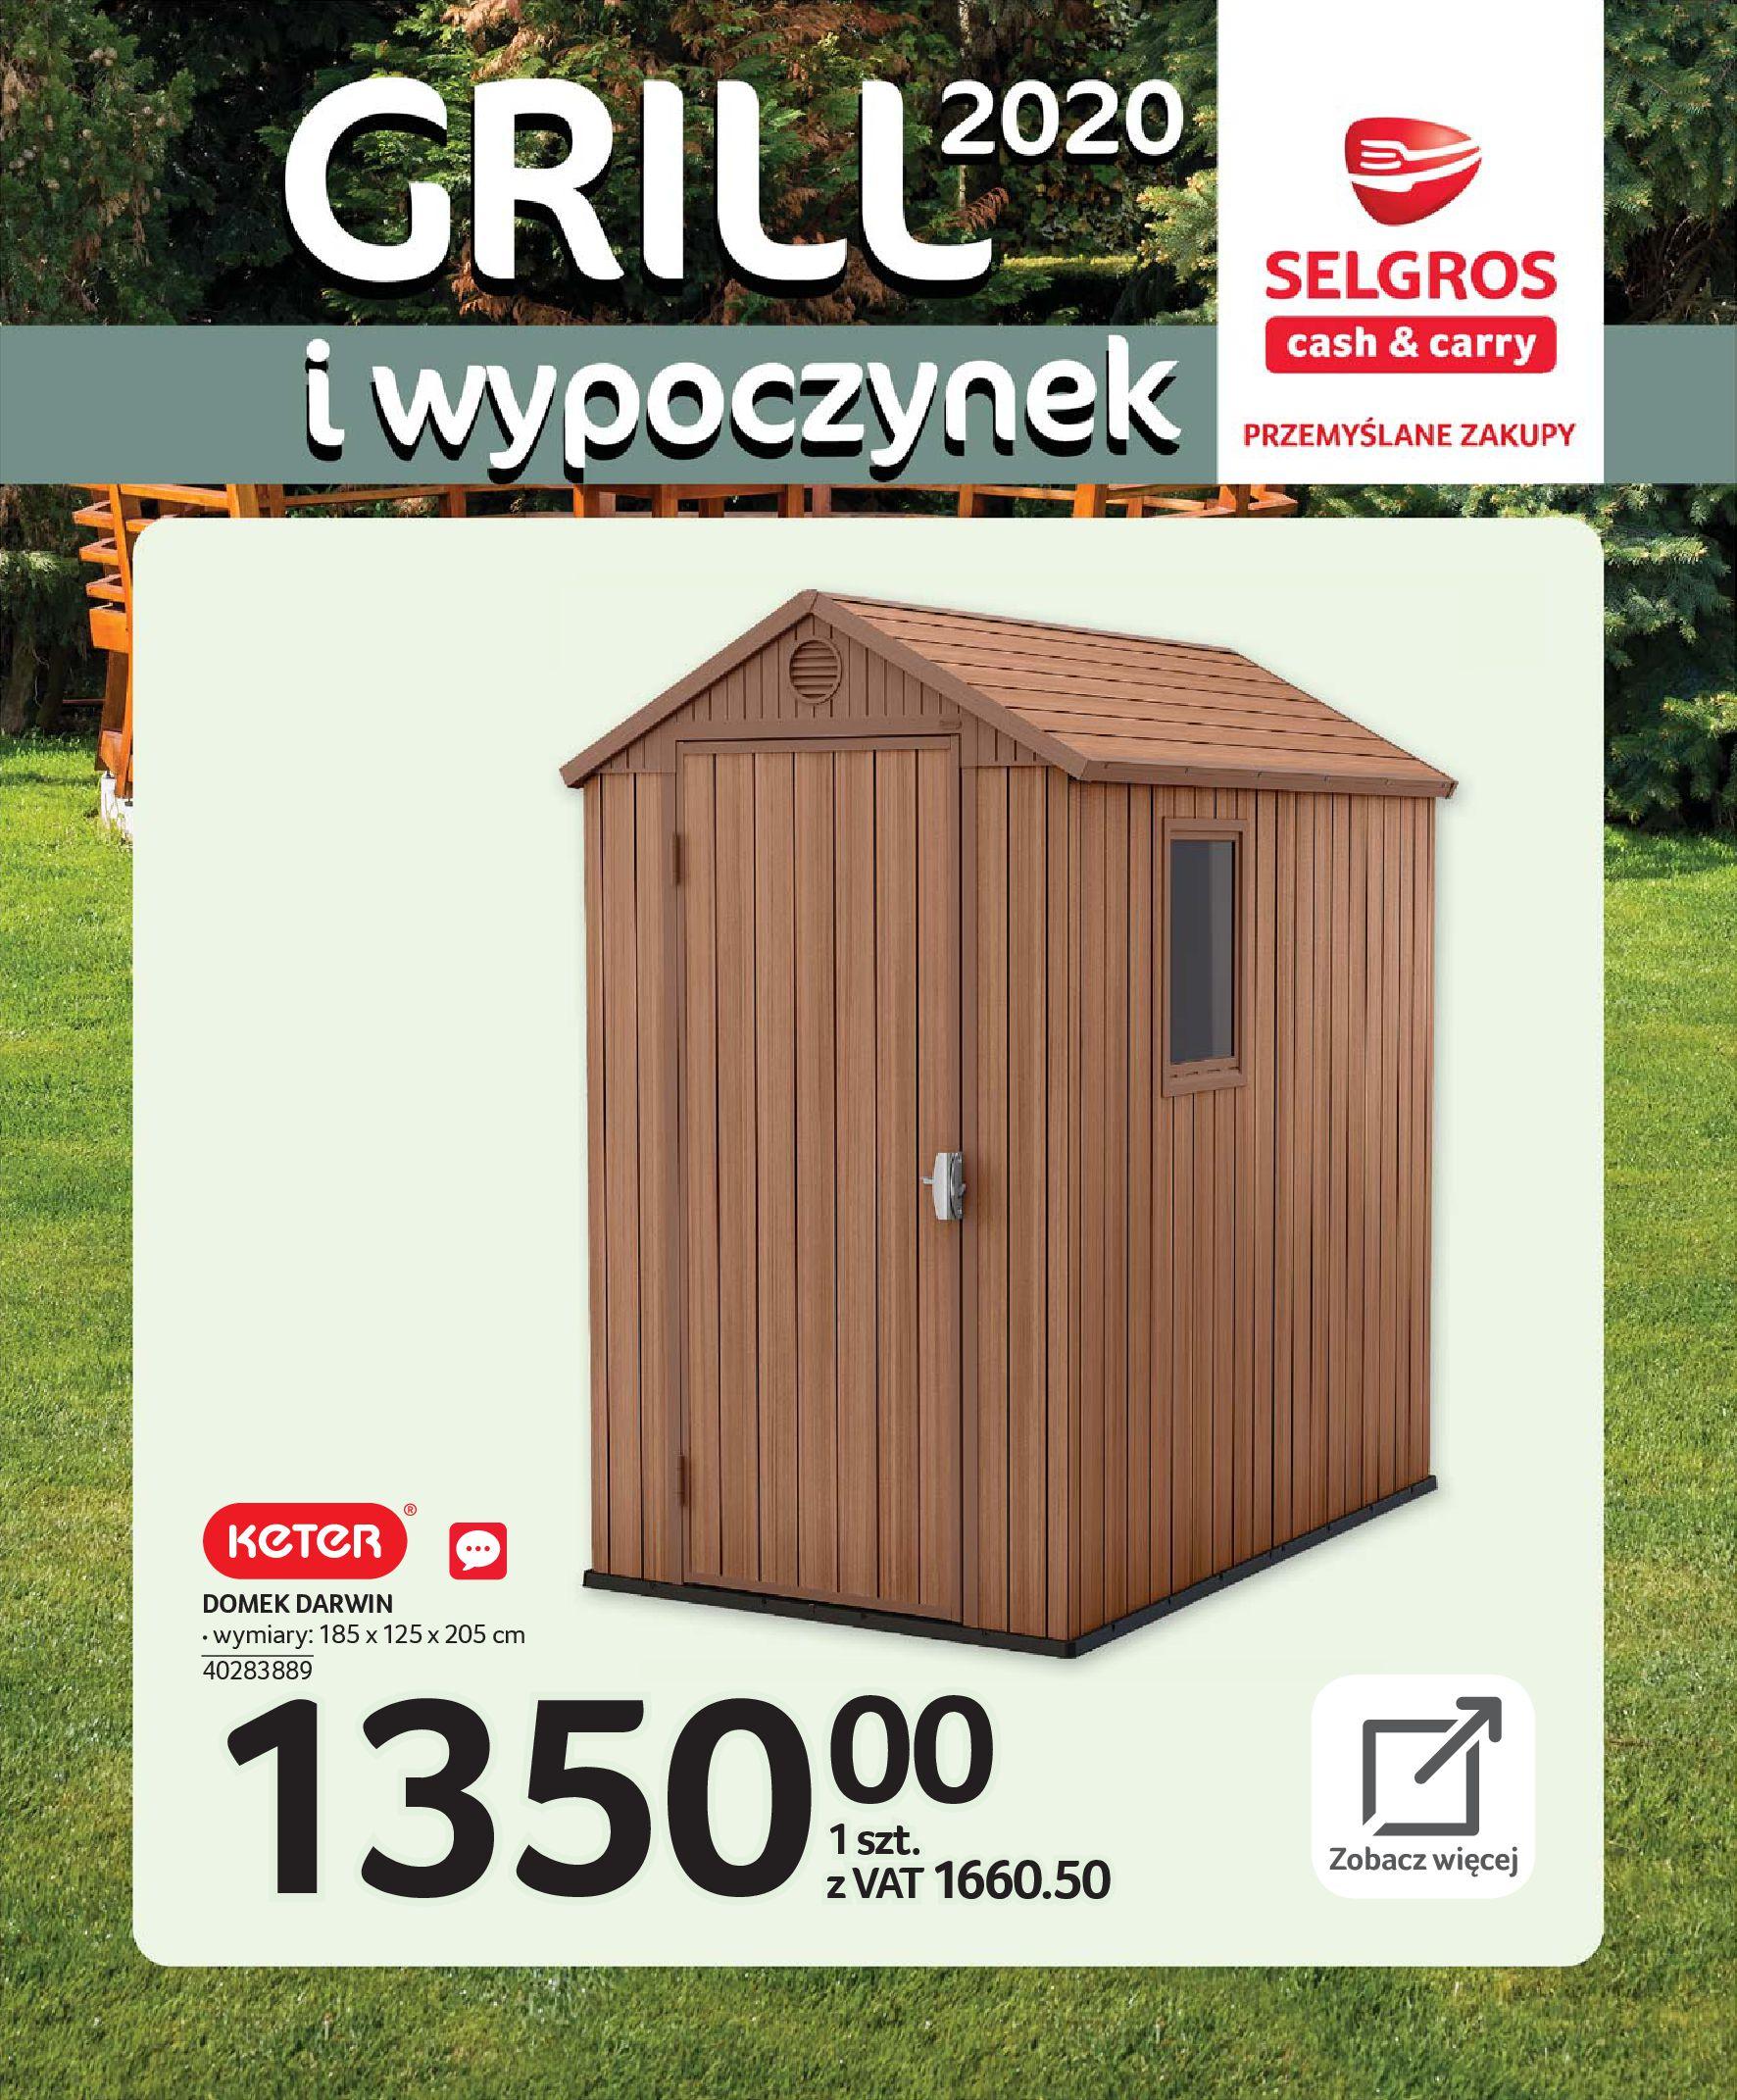 Gazetka Selgros - Katalog - Grill i wypoczynek-31.03.2020-31.08.2020-page-26